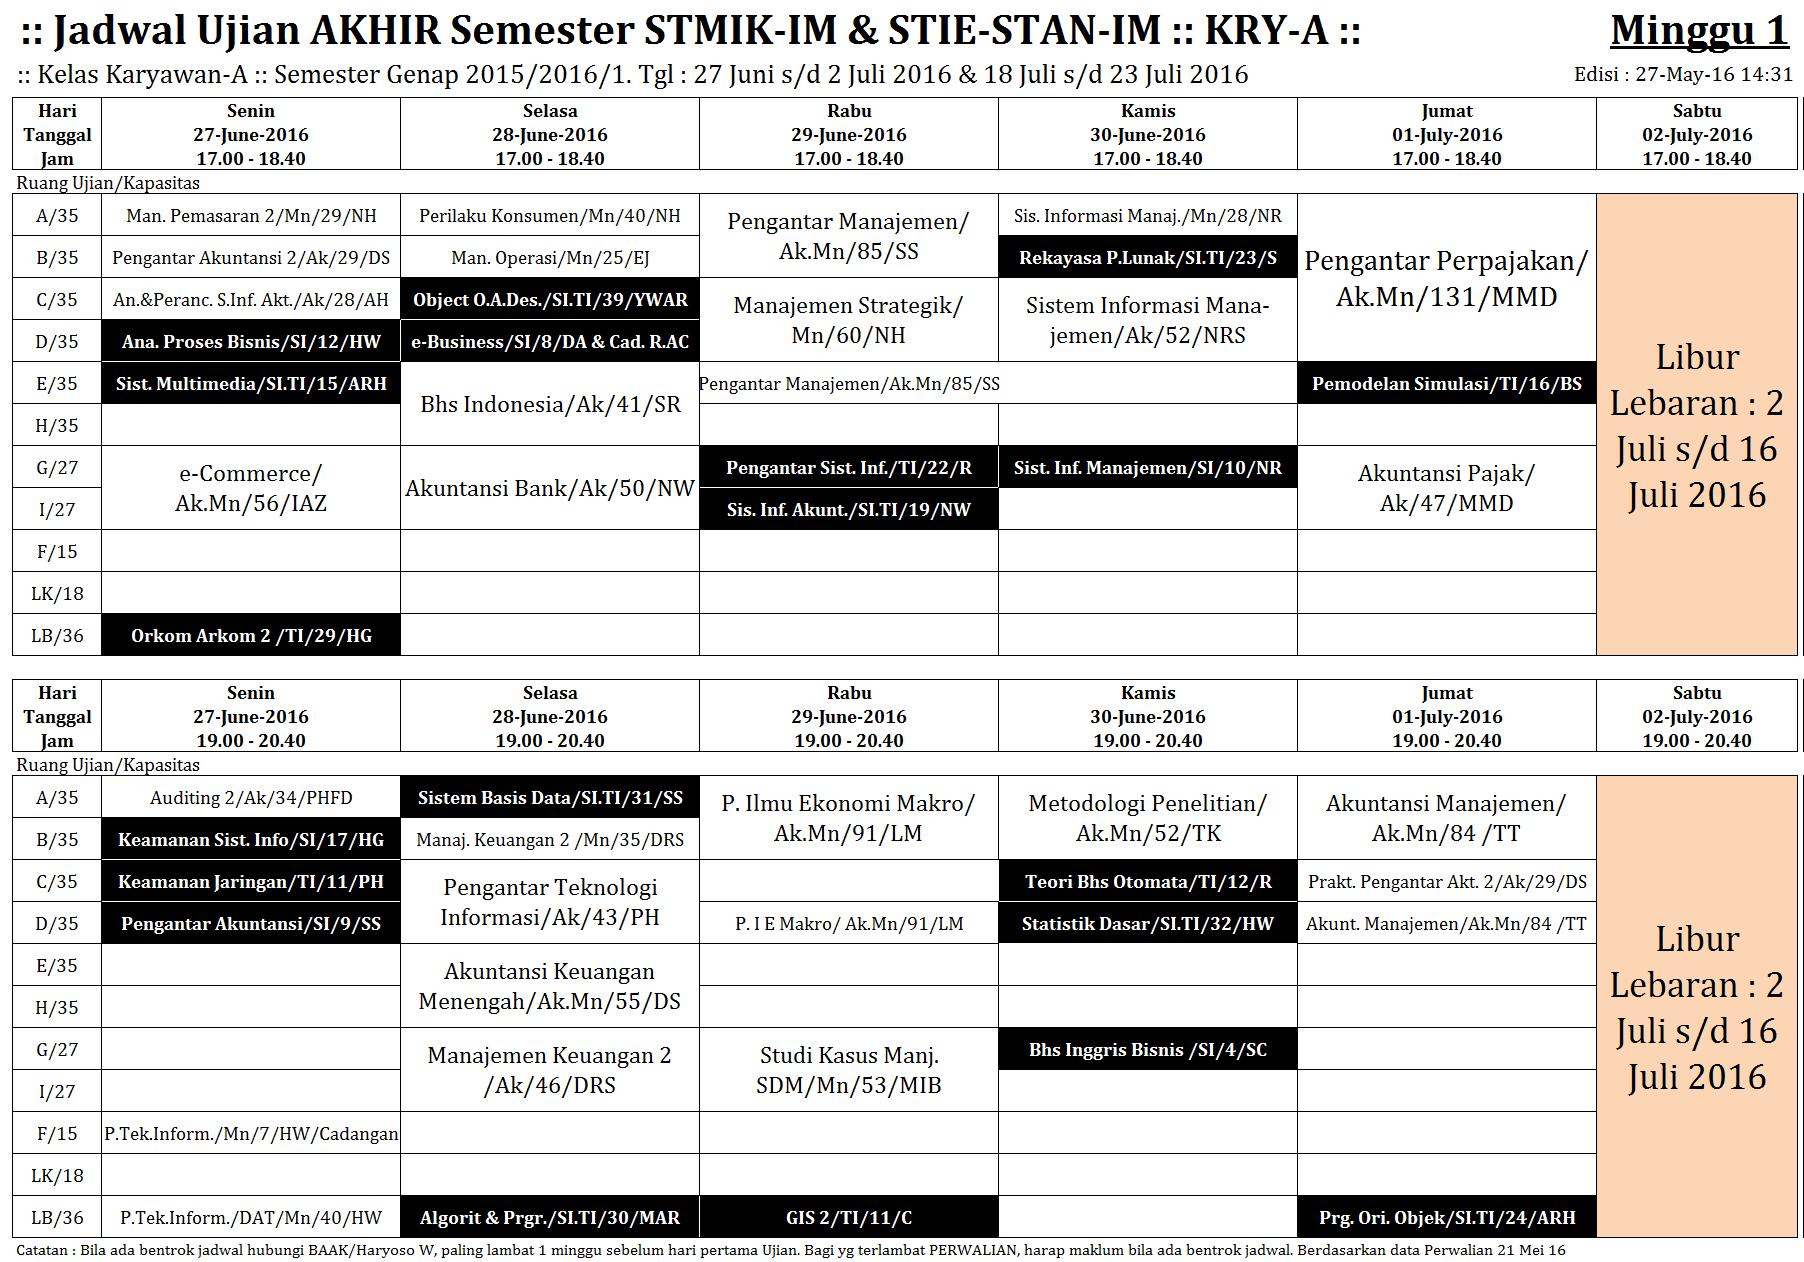 Jadwal UAS KRY-A 27-Juni-16 #1